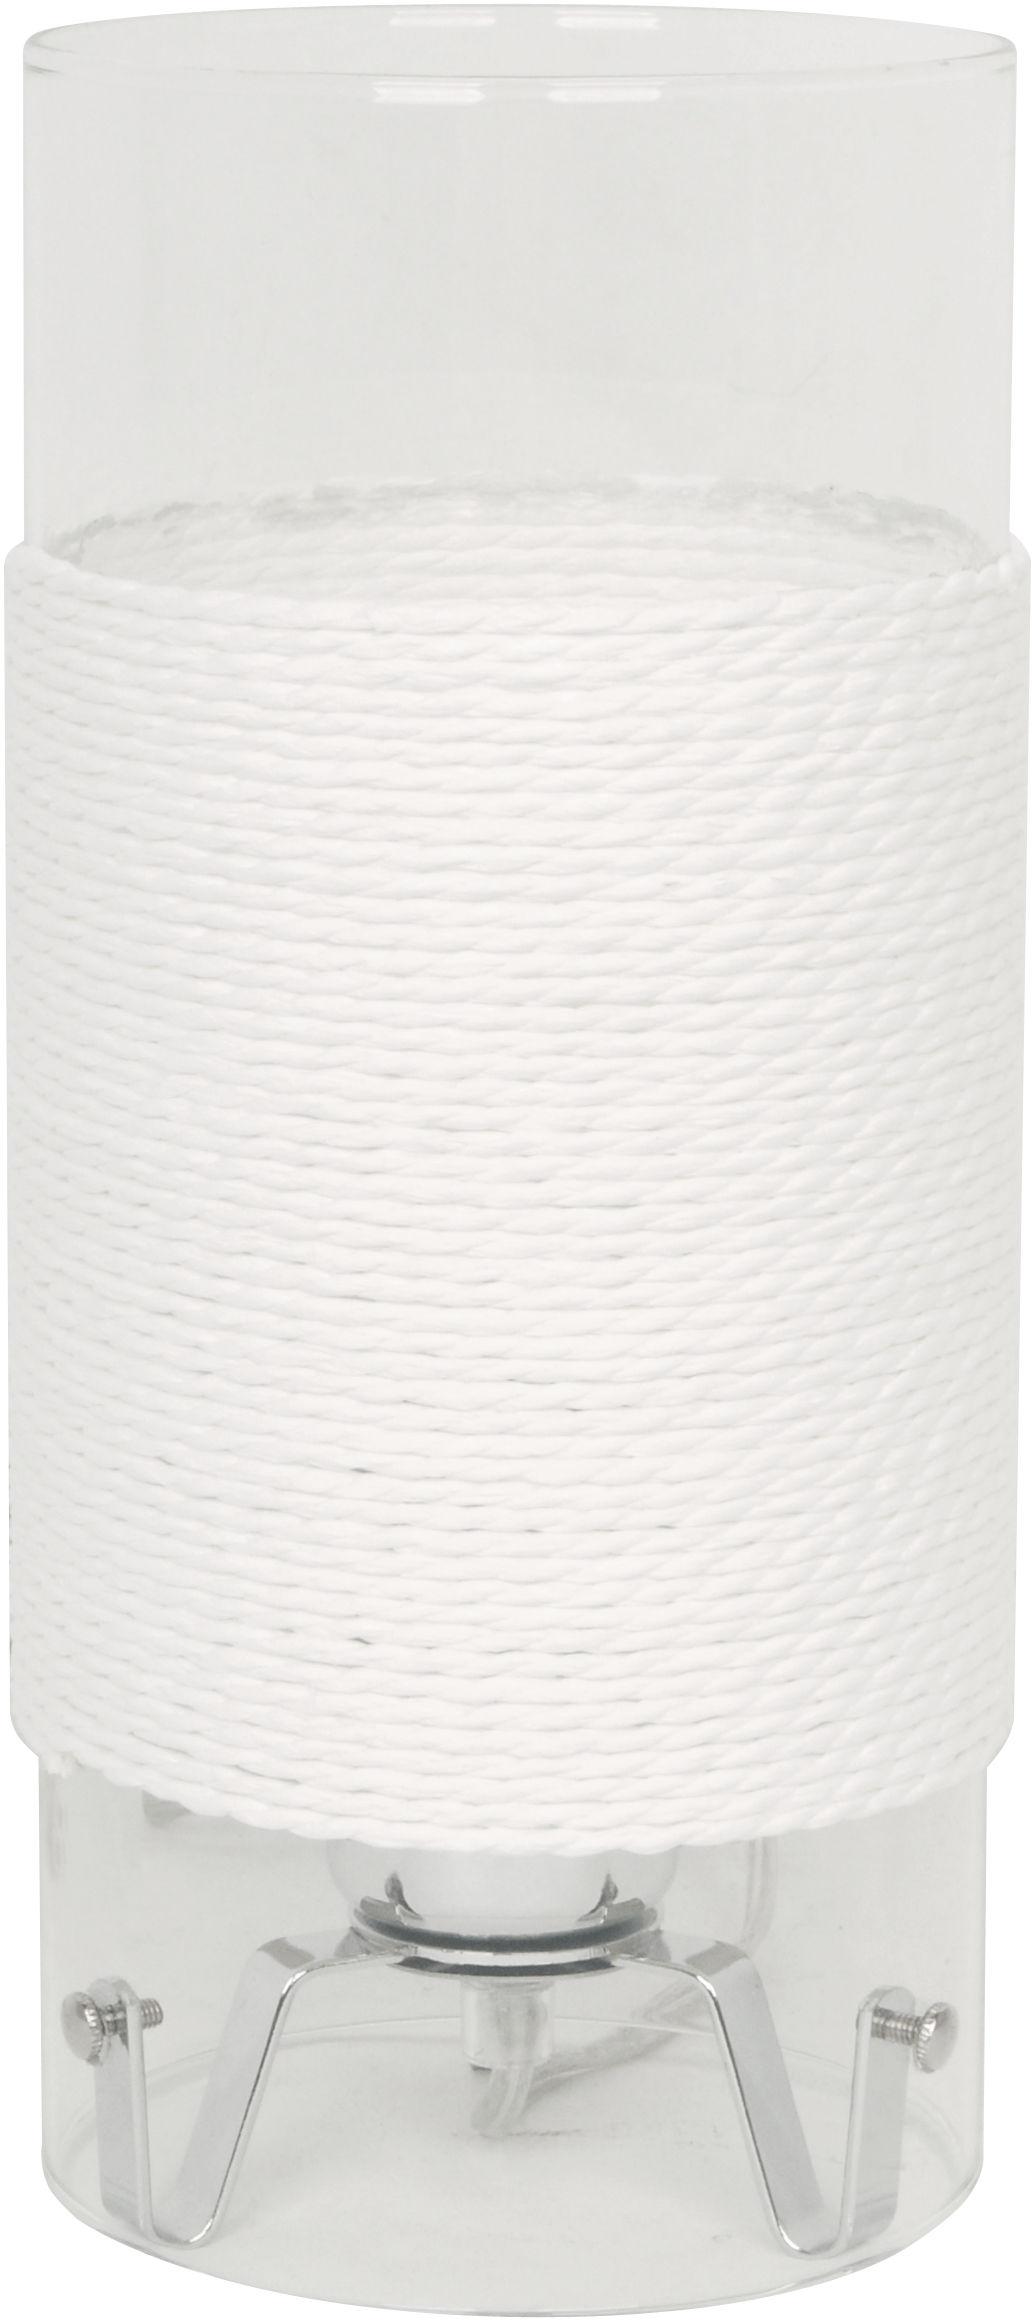 Candellux WRING 41-28006 lampa stołowa biały szklany klosz 1X60W E27 chrom 12cm